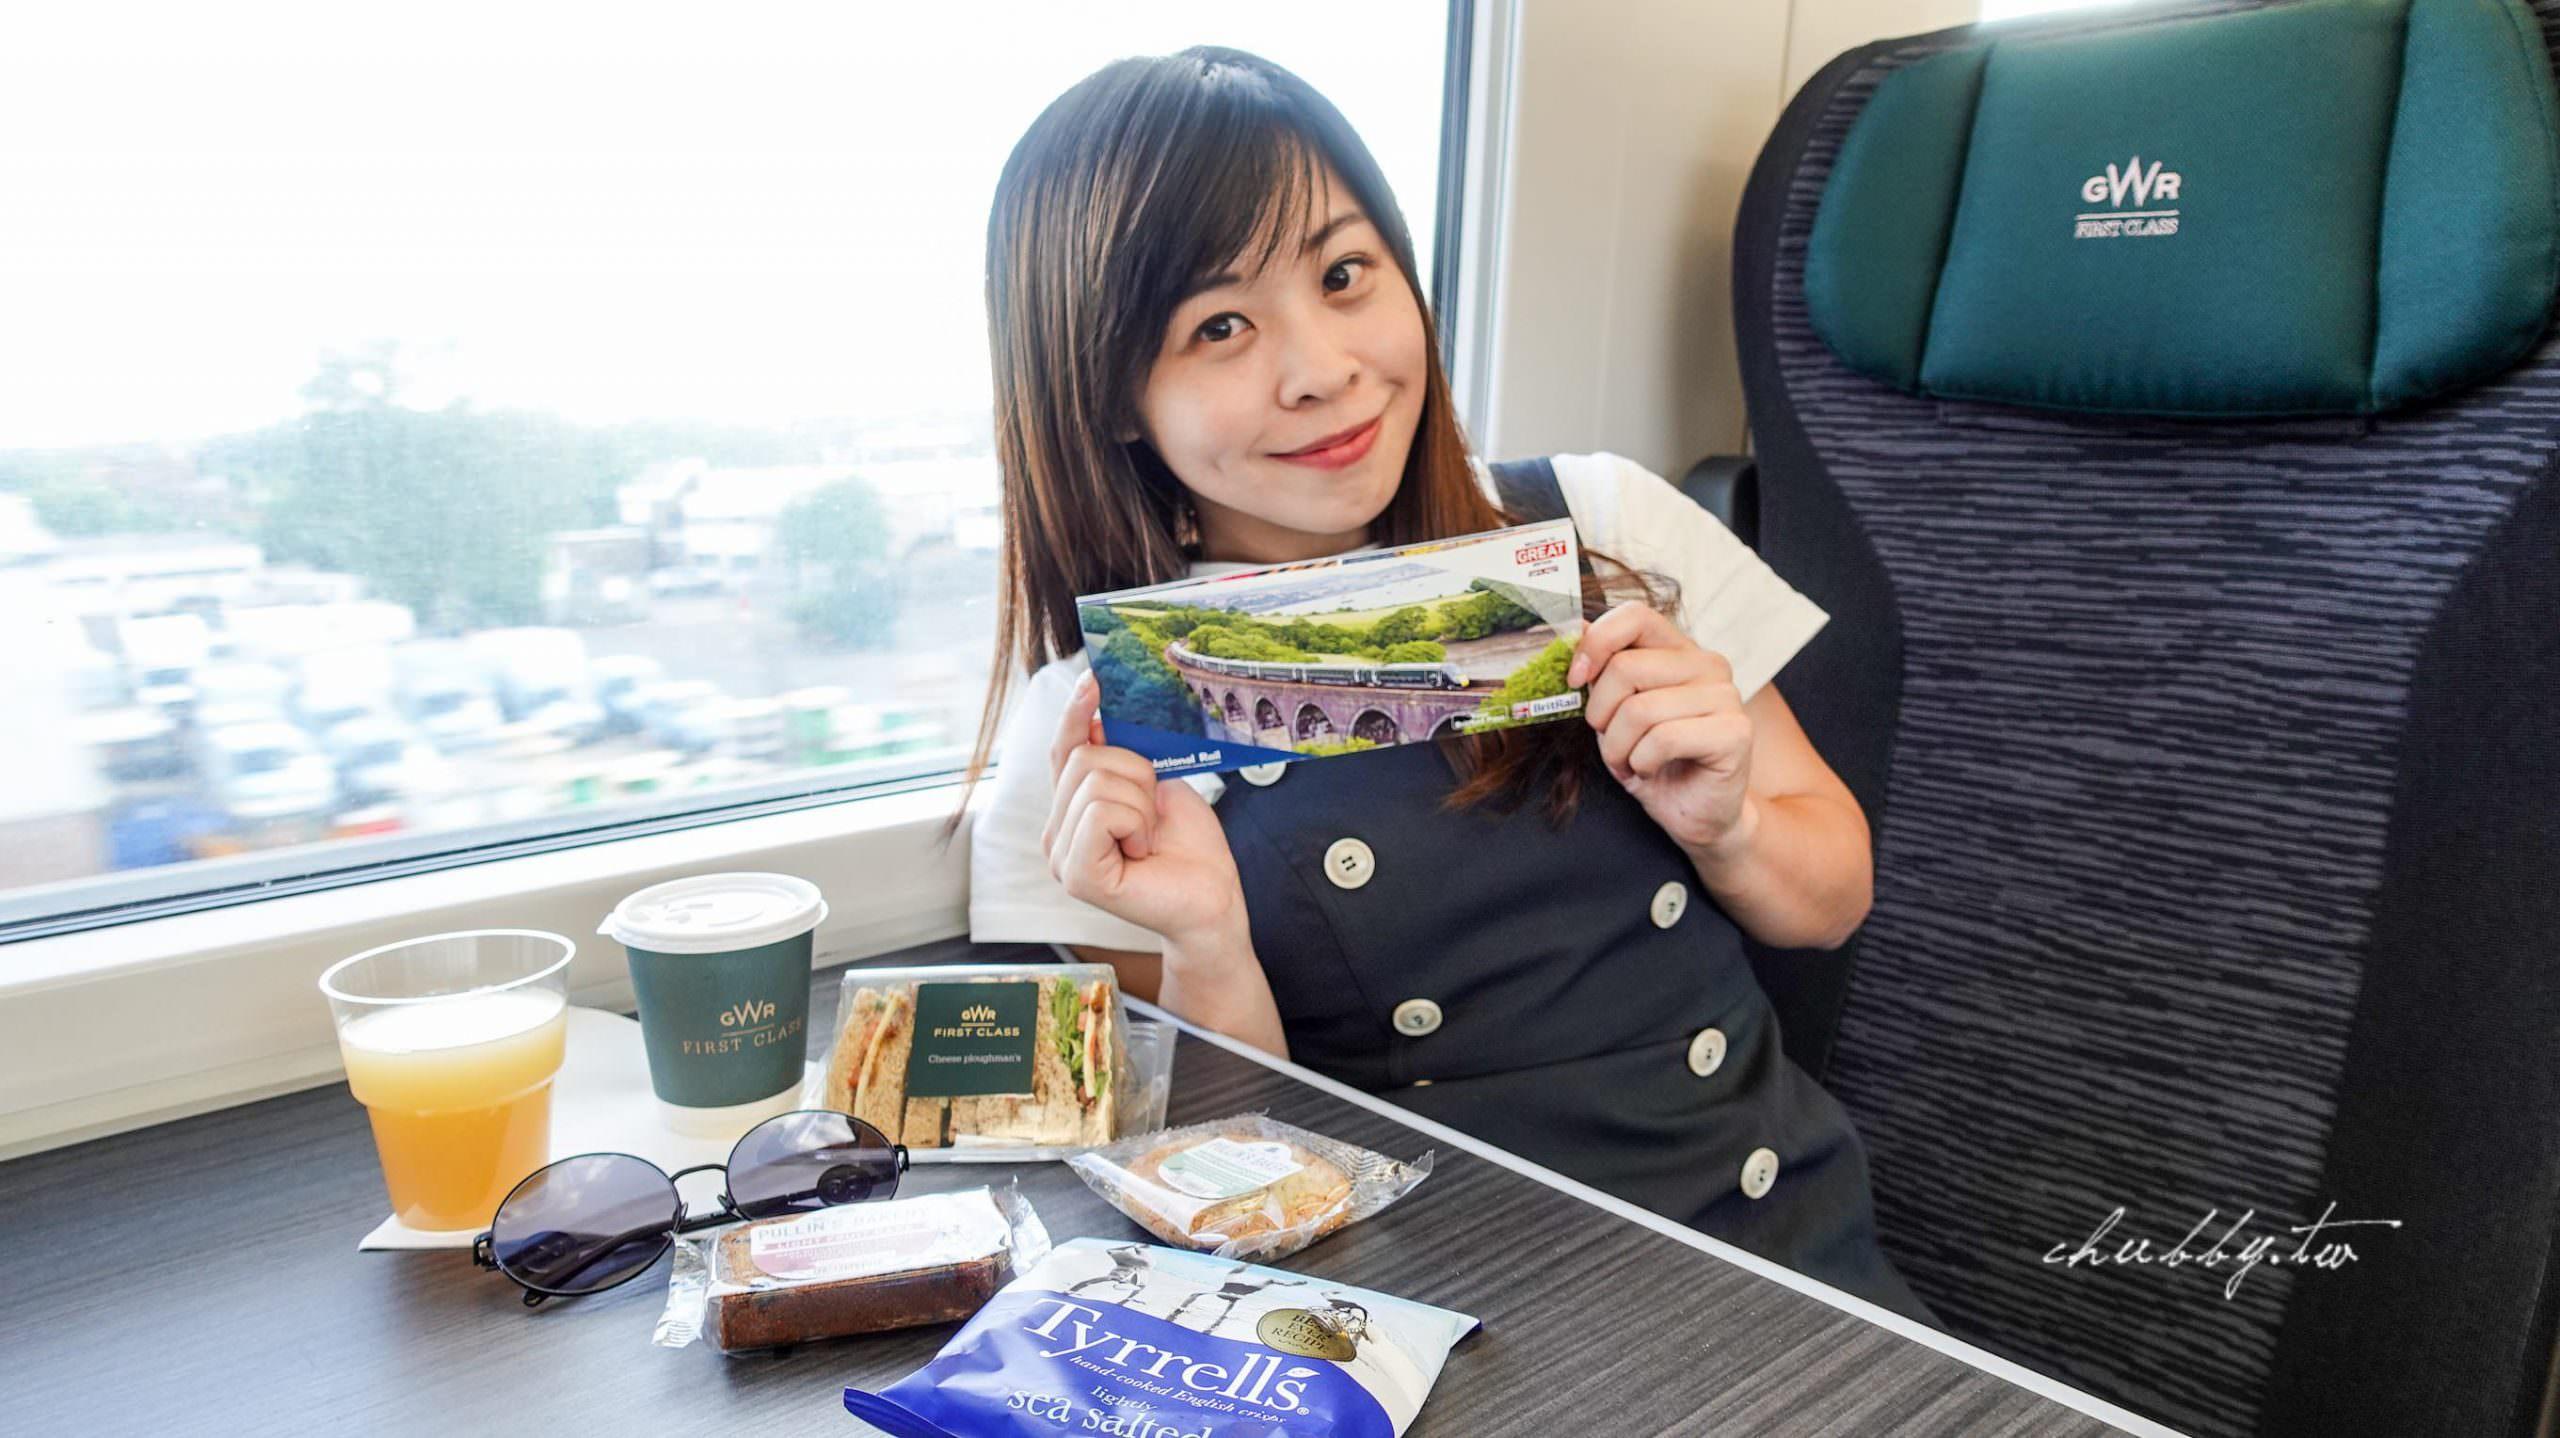 英國火車通行證BRITRAIL PASS頭等艙購票、開票、使用教學、餐飲介紹